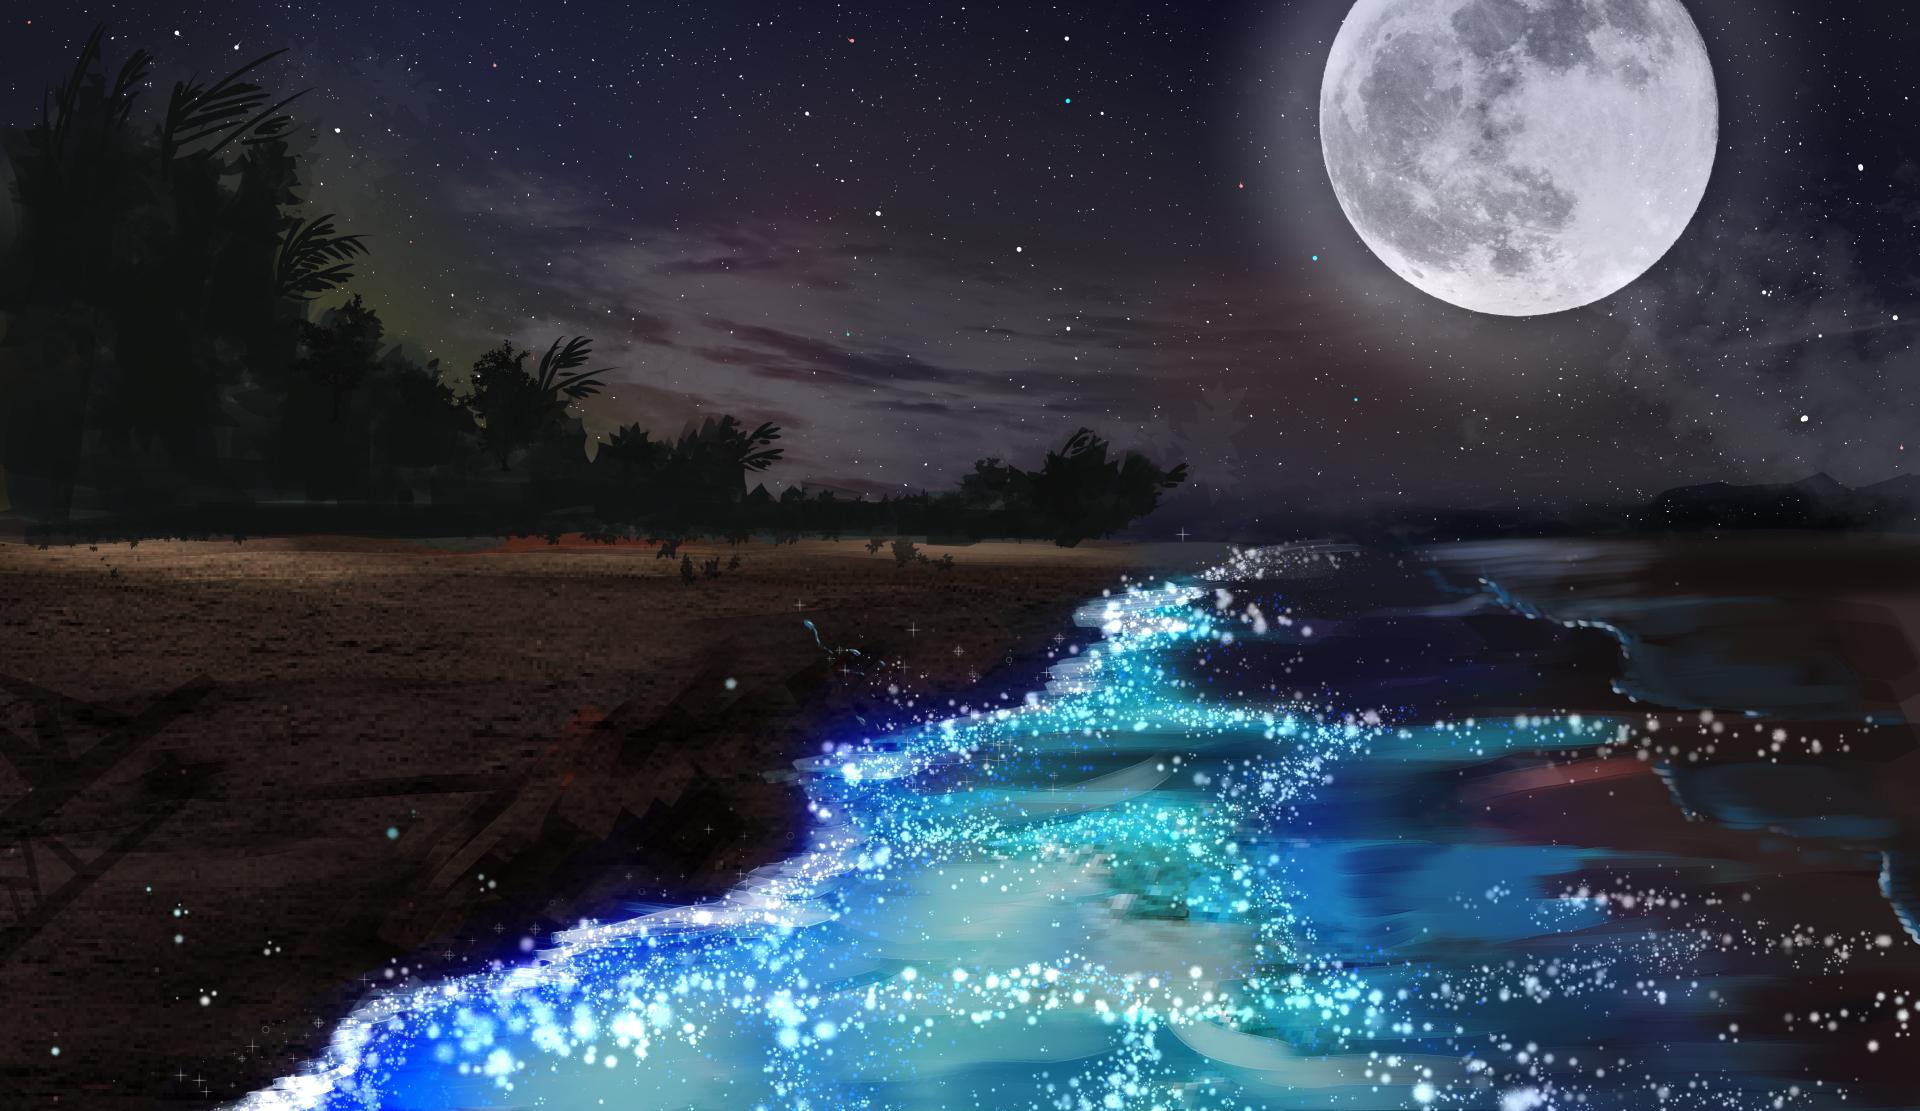 Ảnh mặt trăng ngoài bờ biển đẹp nhất